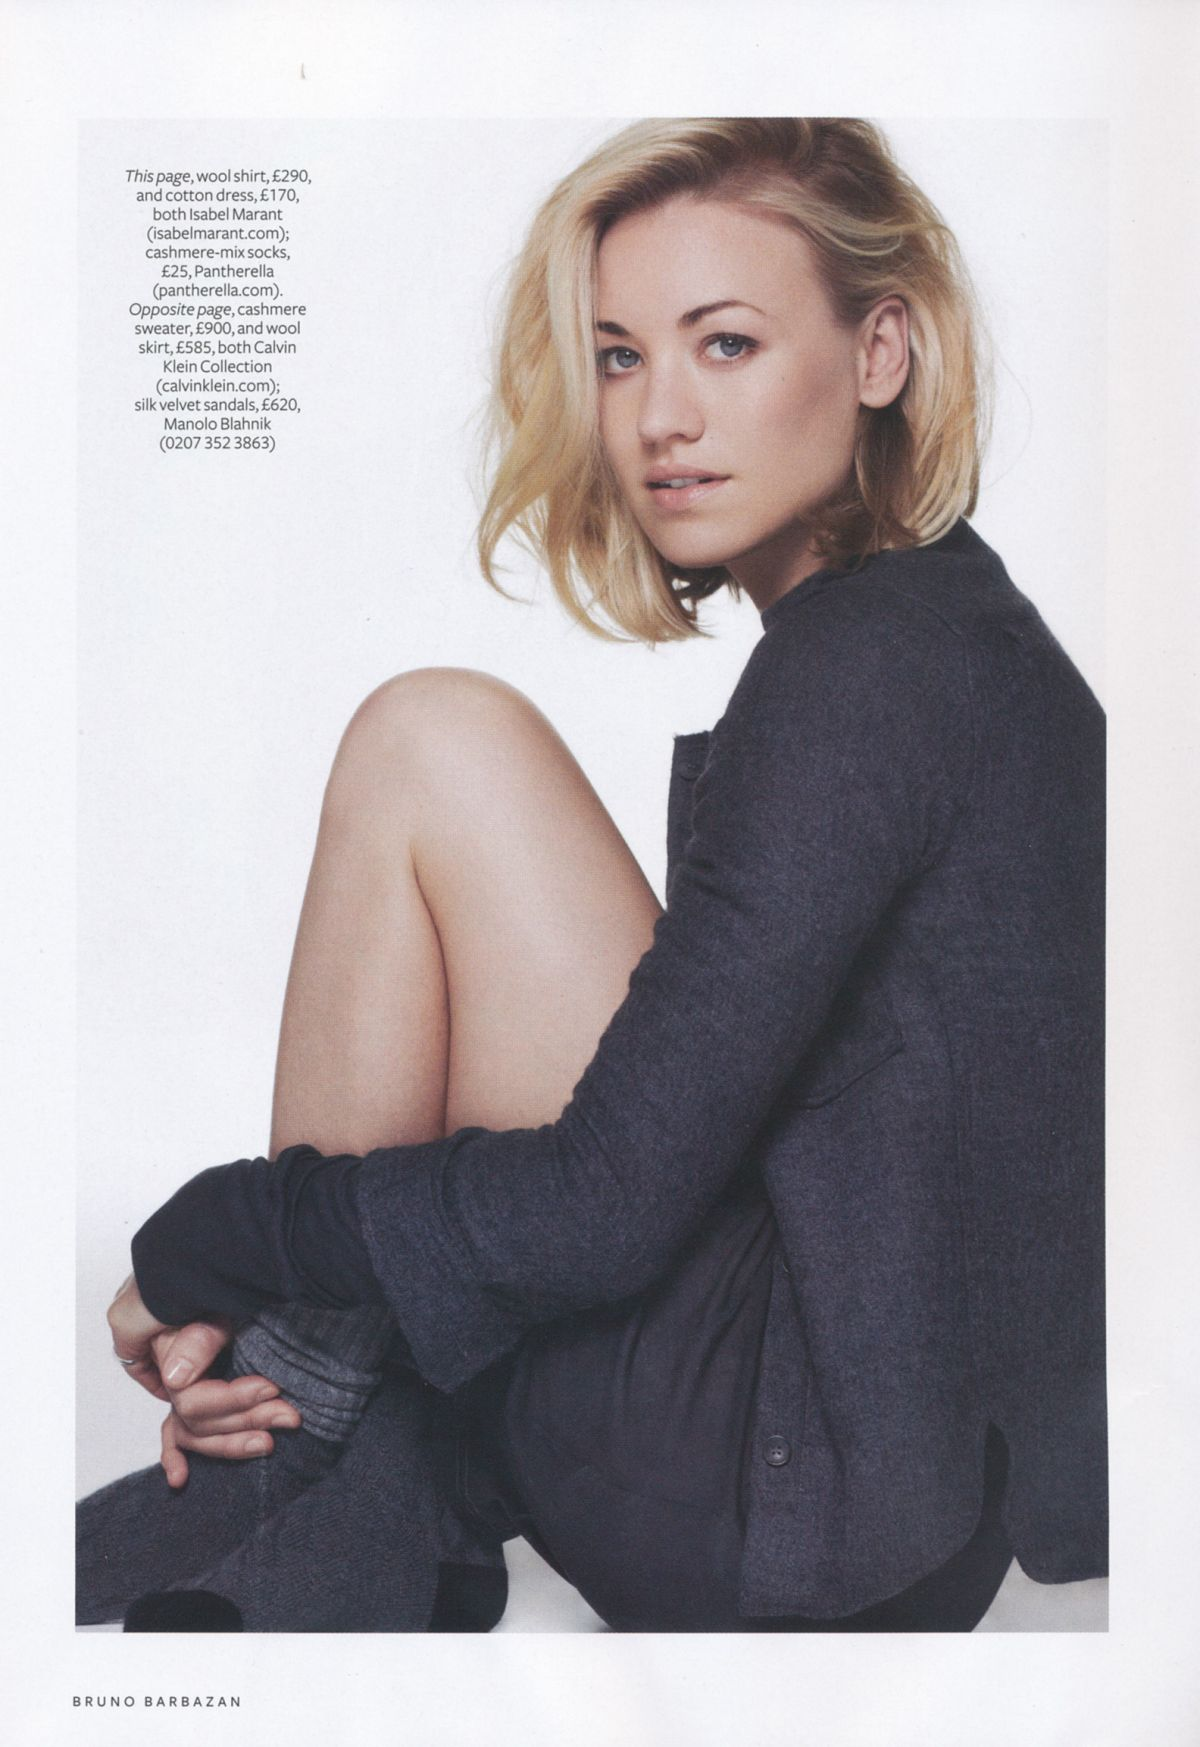 YVONNE STRAHOVSKI in Instyle Magazine, August 2014 Issue